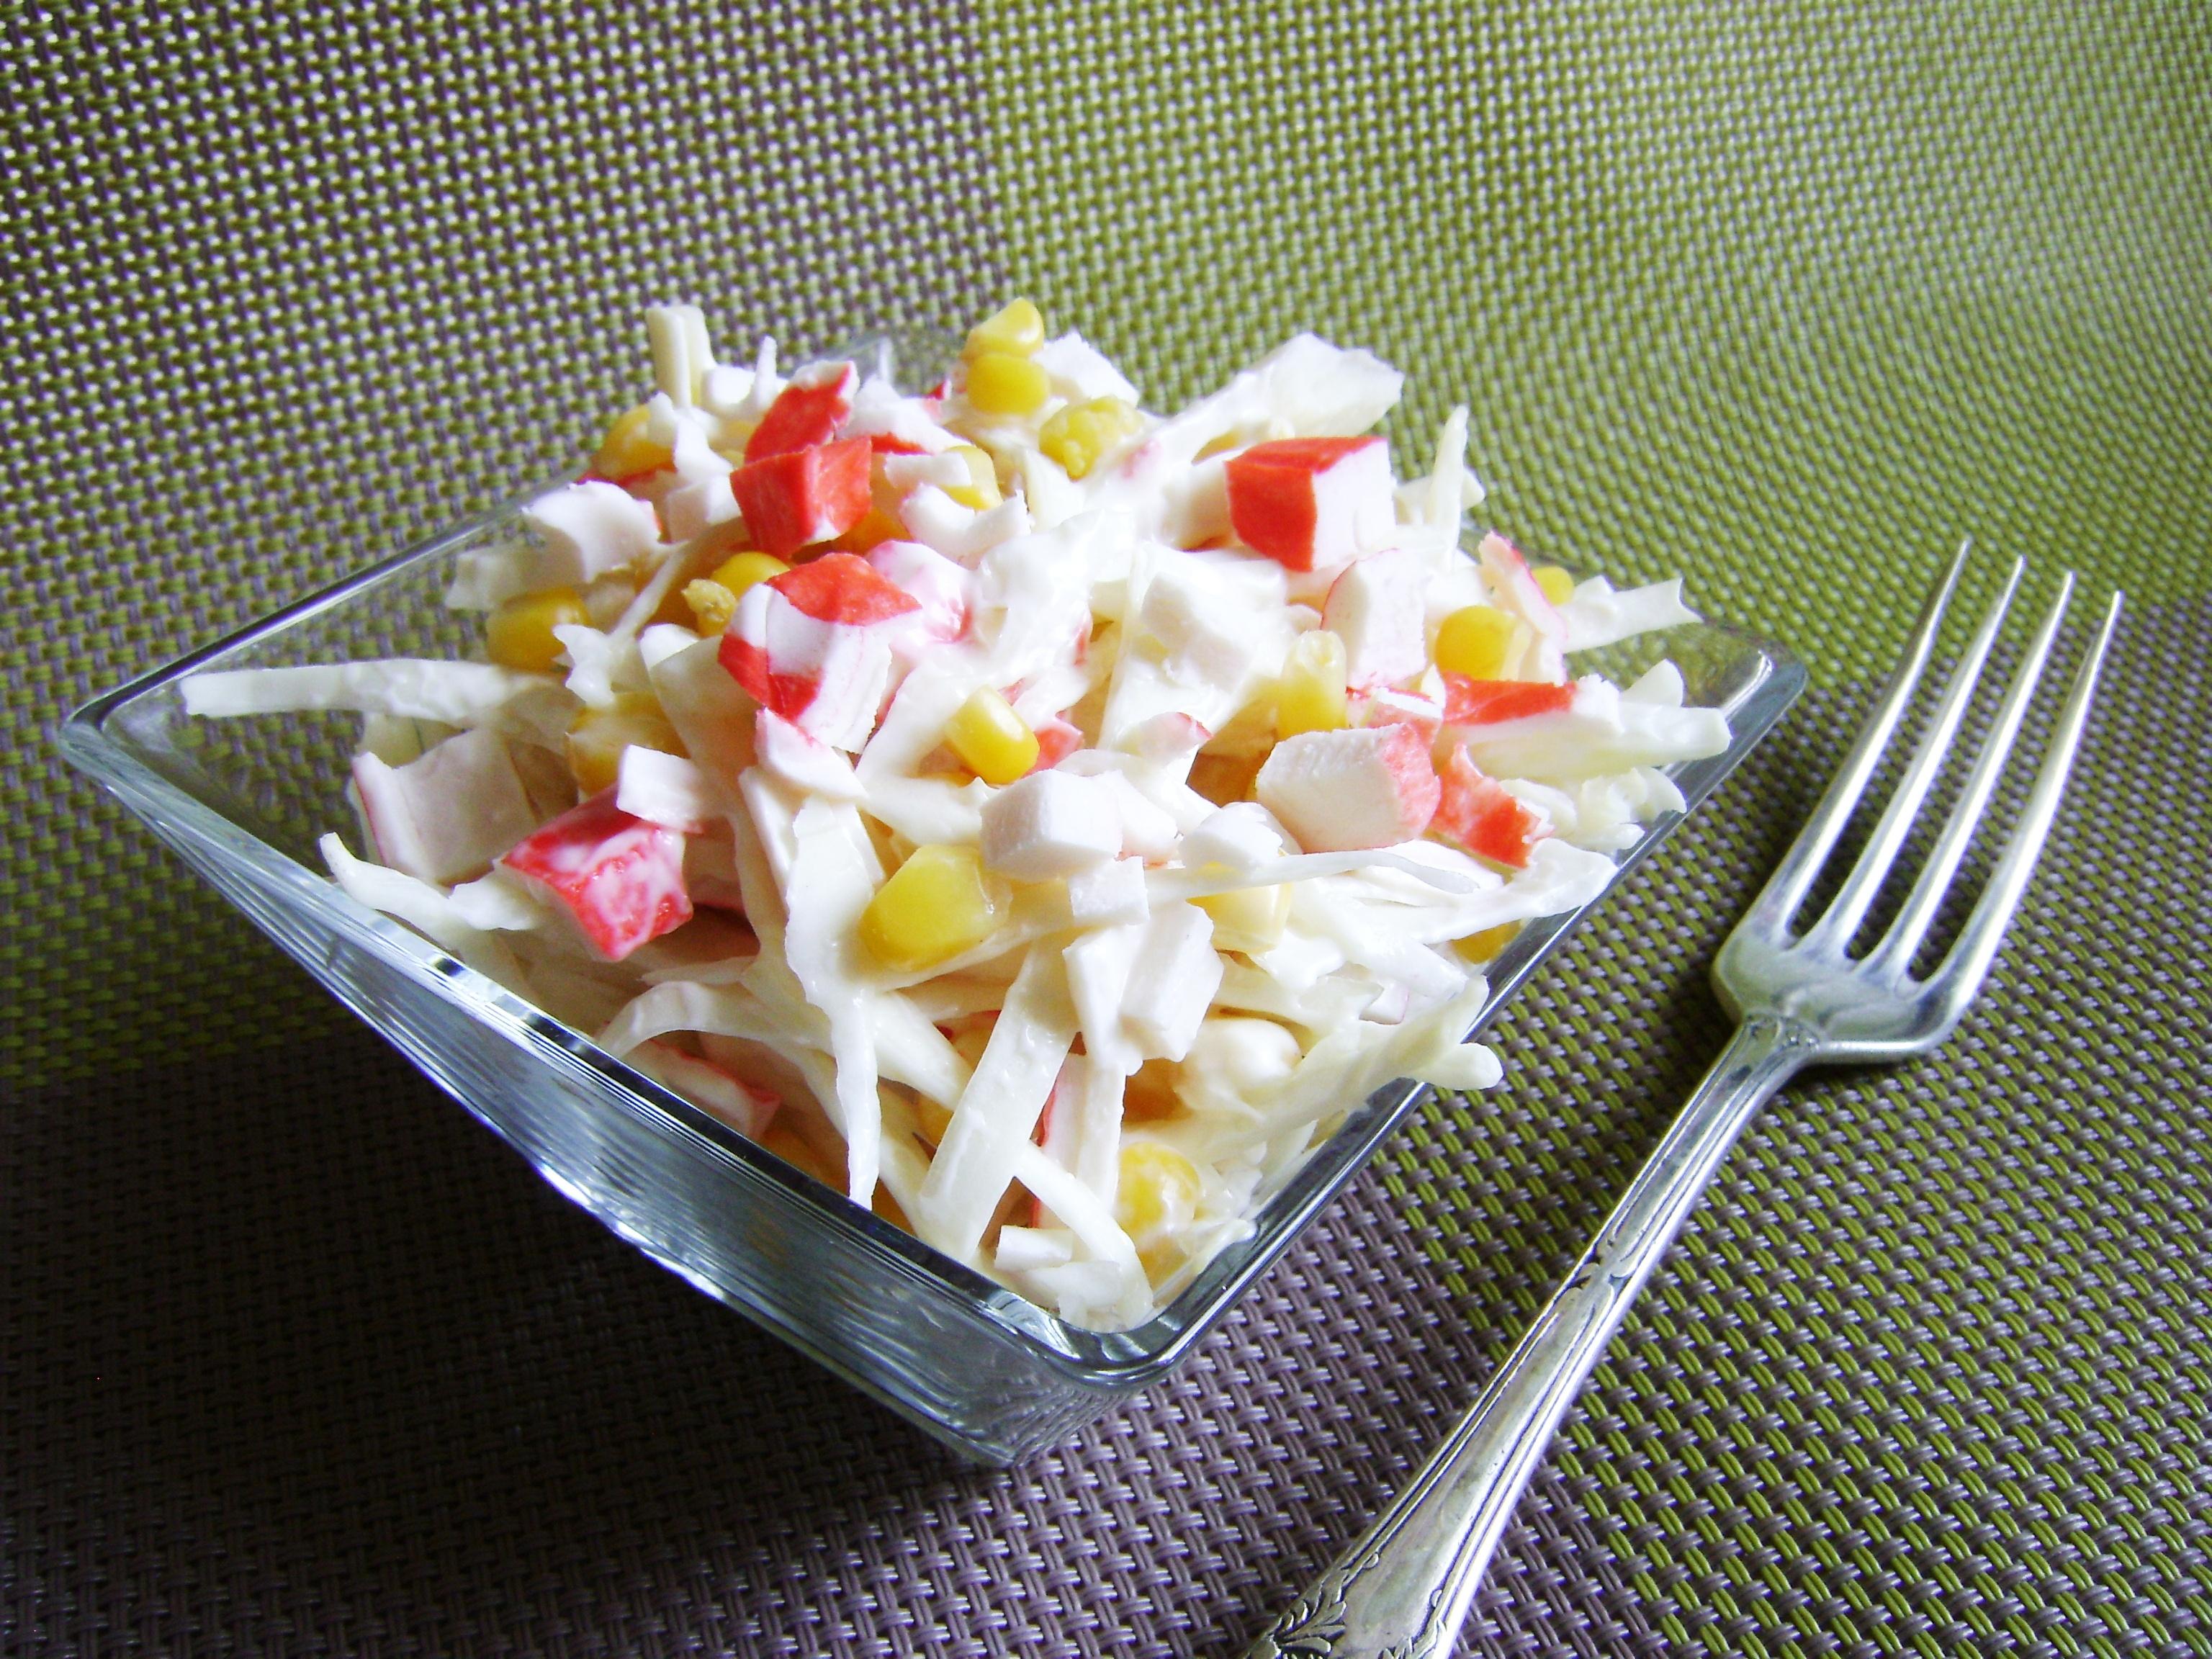 Салат с крабовыми палочками и кукурузой и чипсами рецепт с